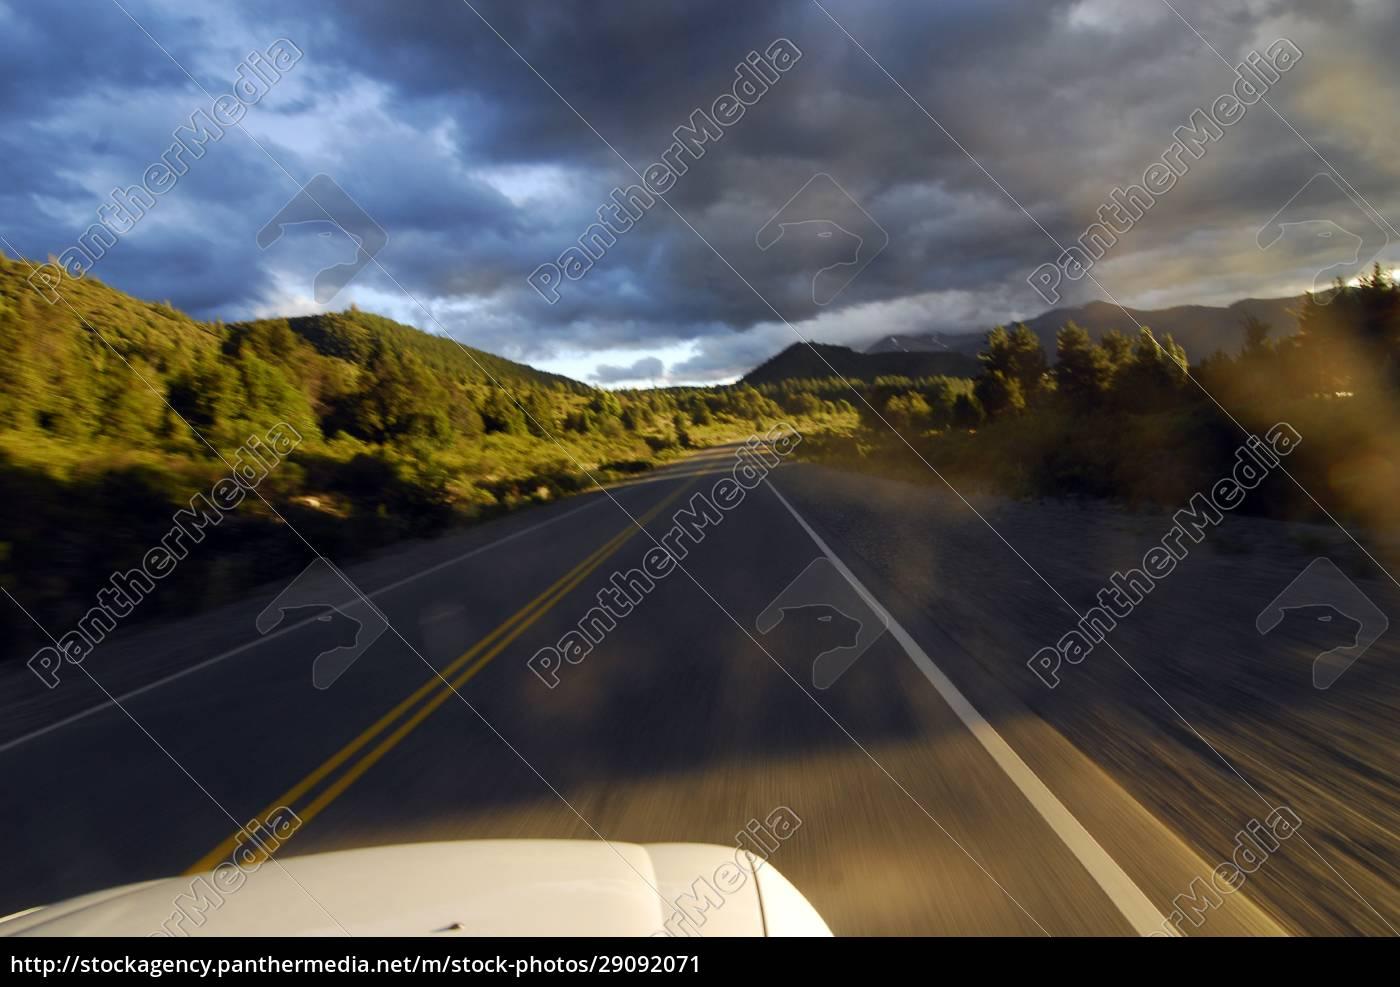 verkehrswege, und, mobilität, in, patagonien, argentinien - 29092071